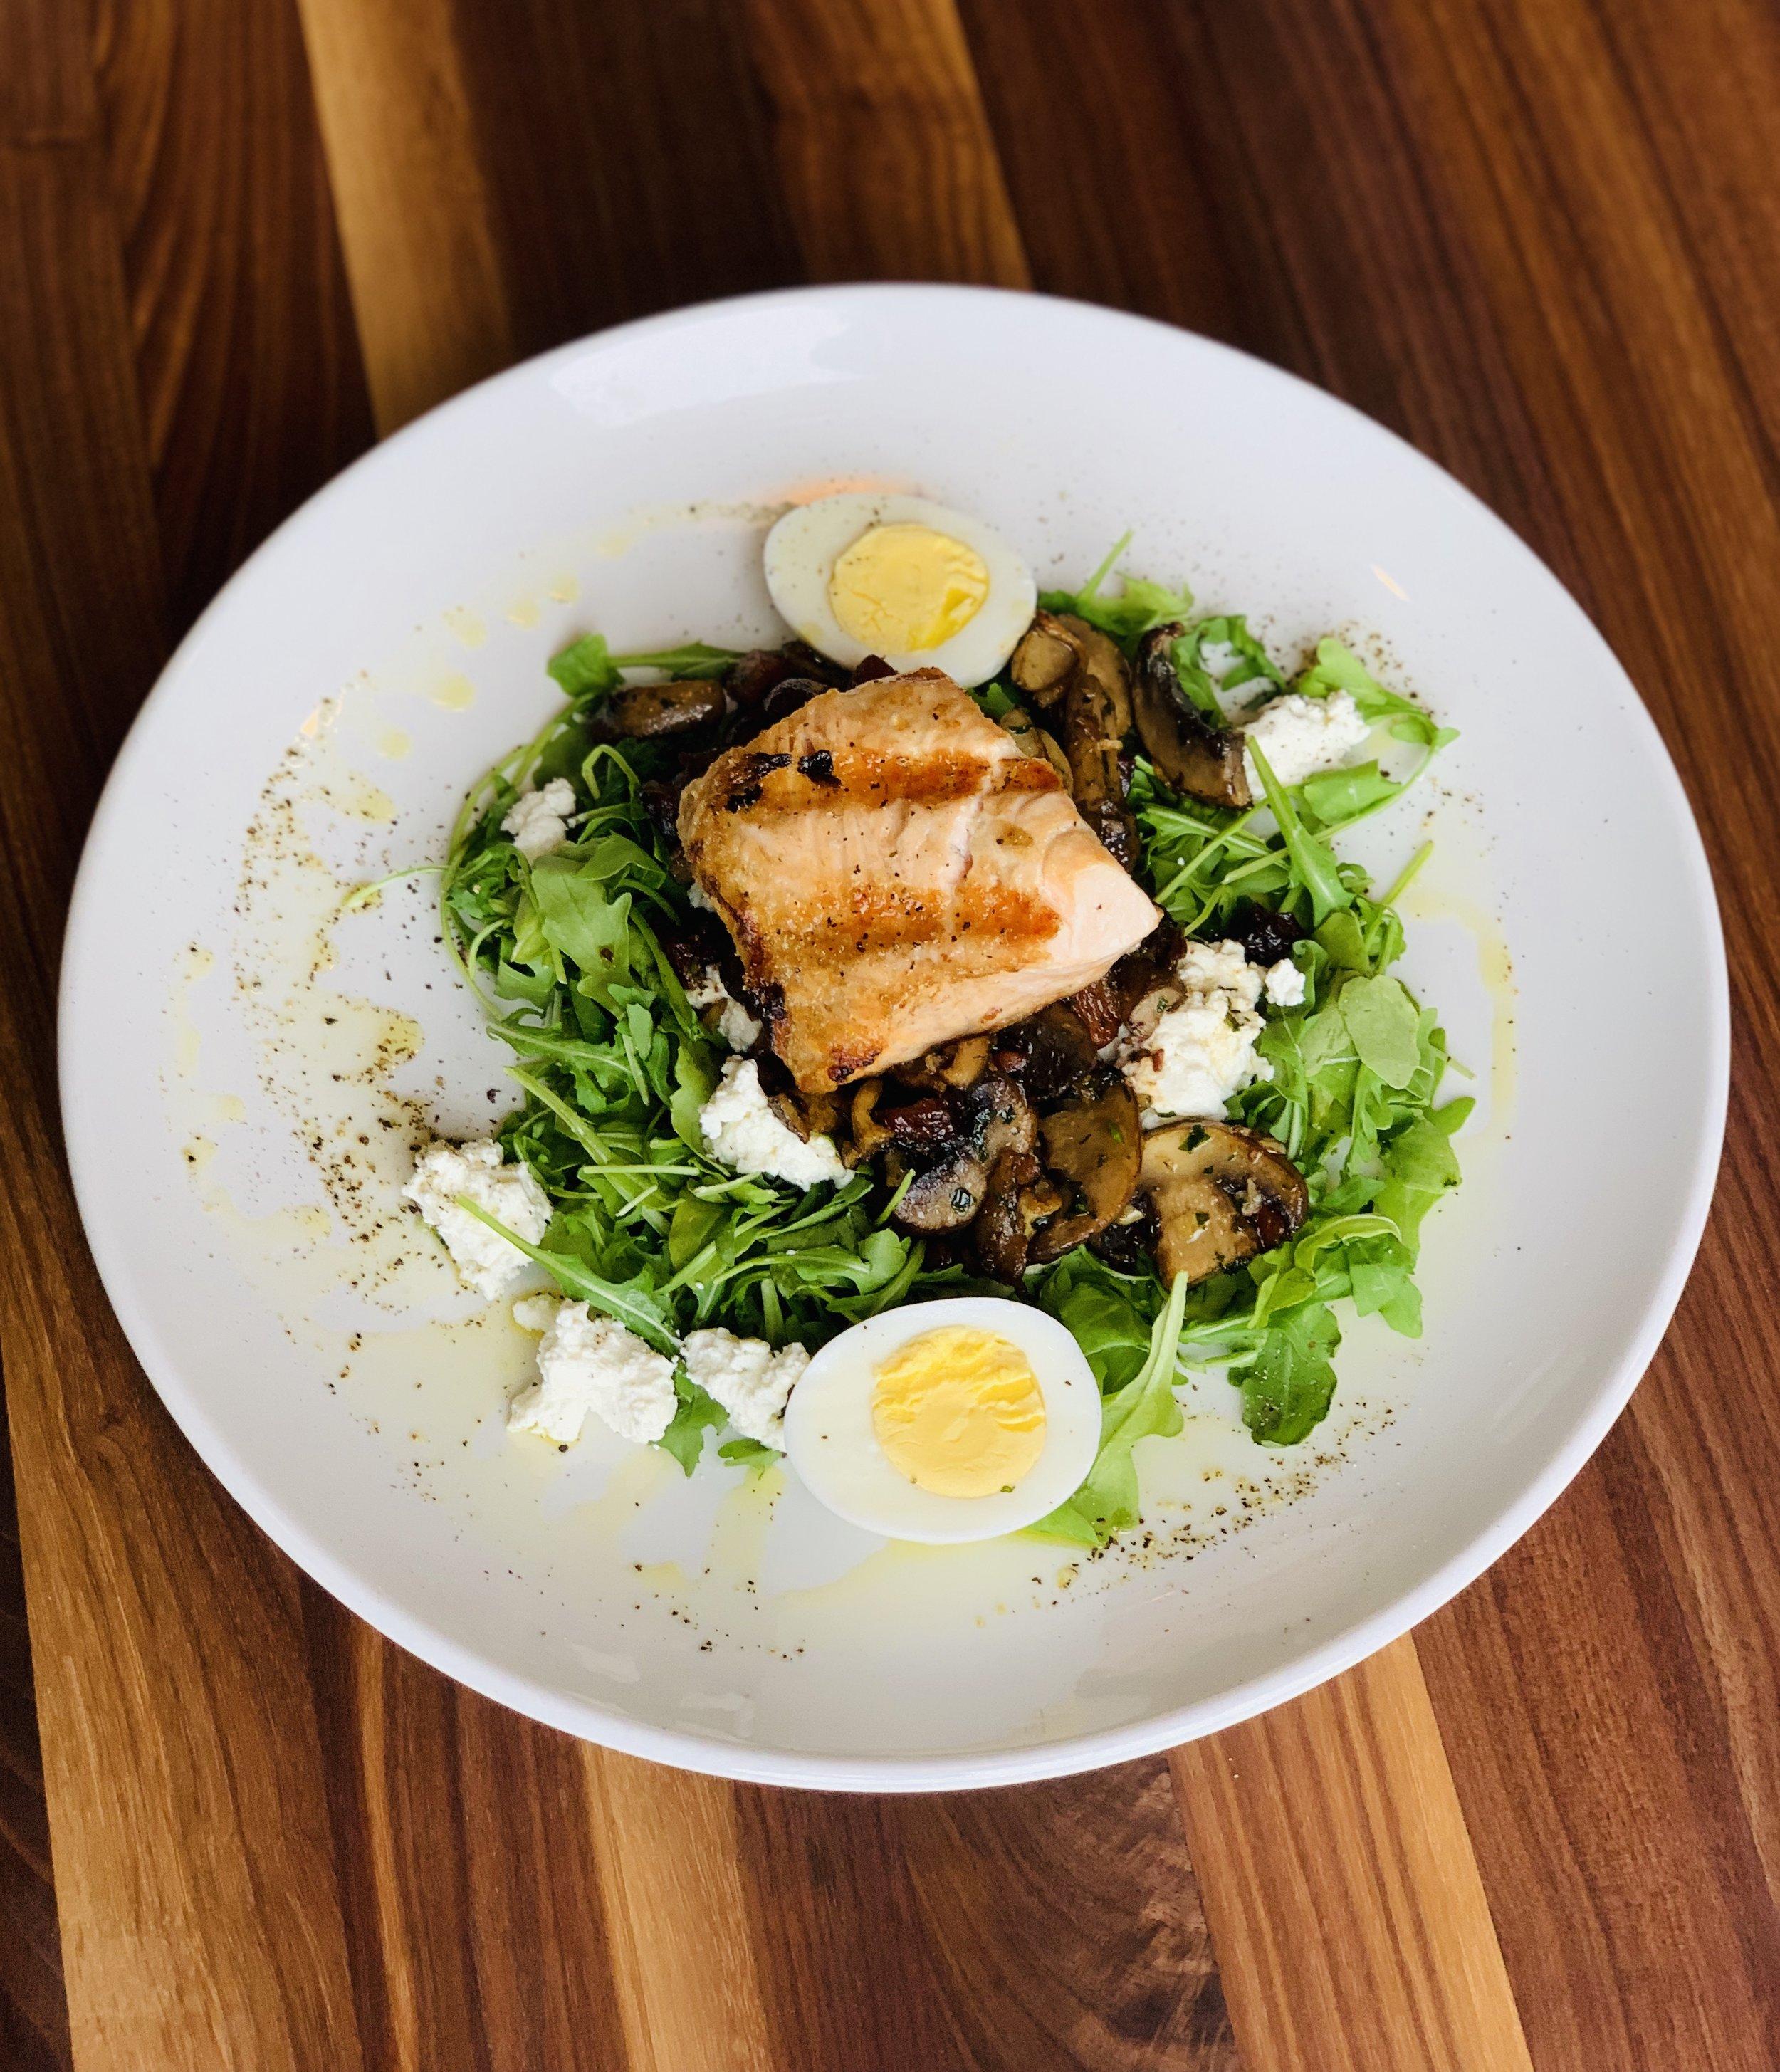 Mushroom Salad with Salmon